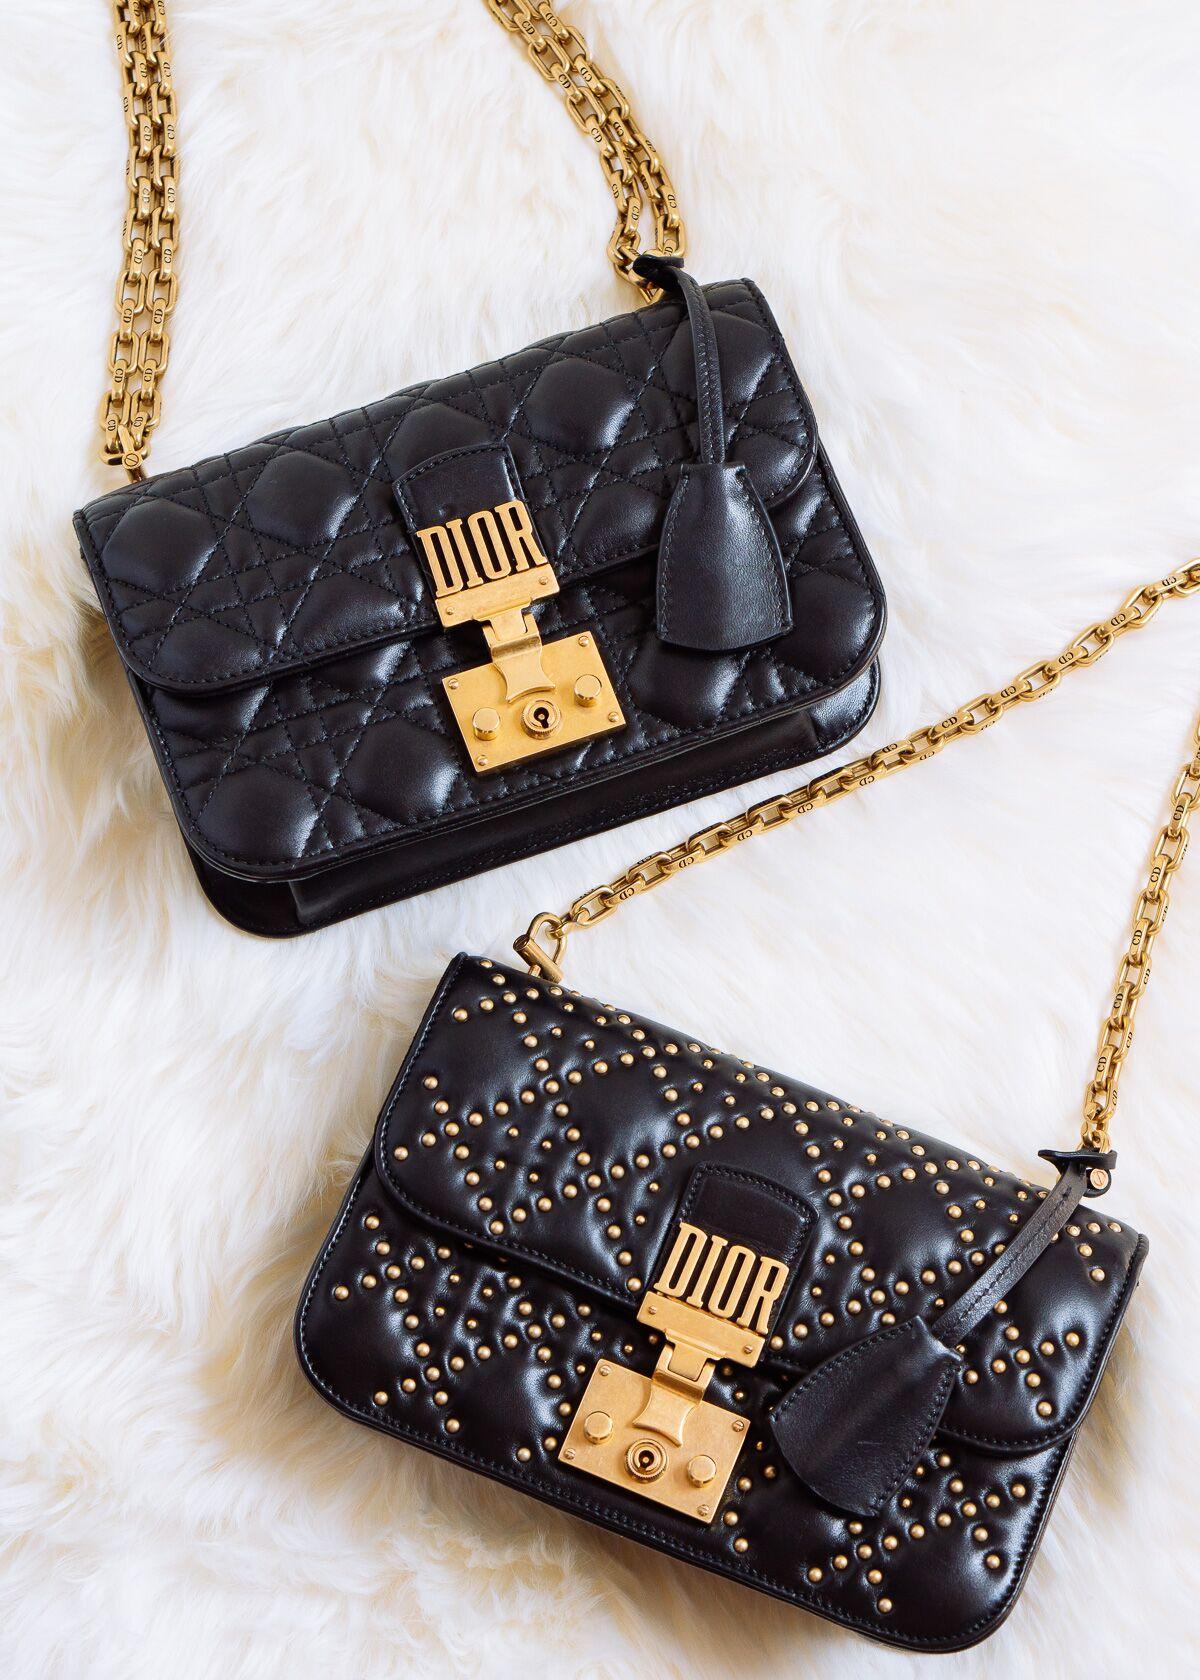 Up Close With The Dior Addict Bag Purseblog